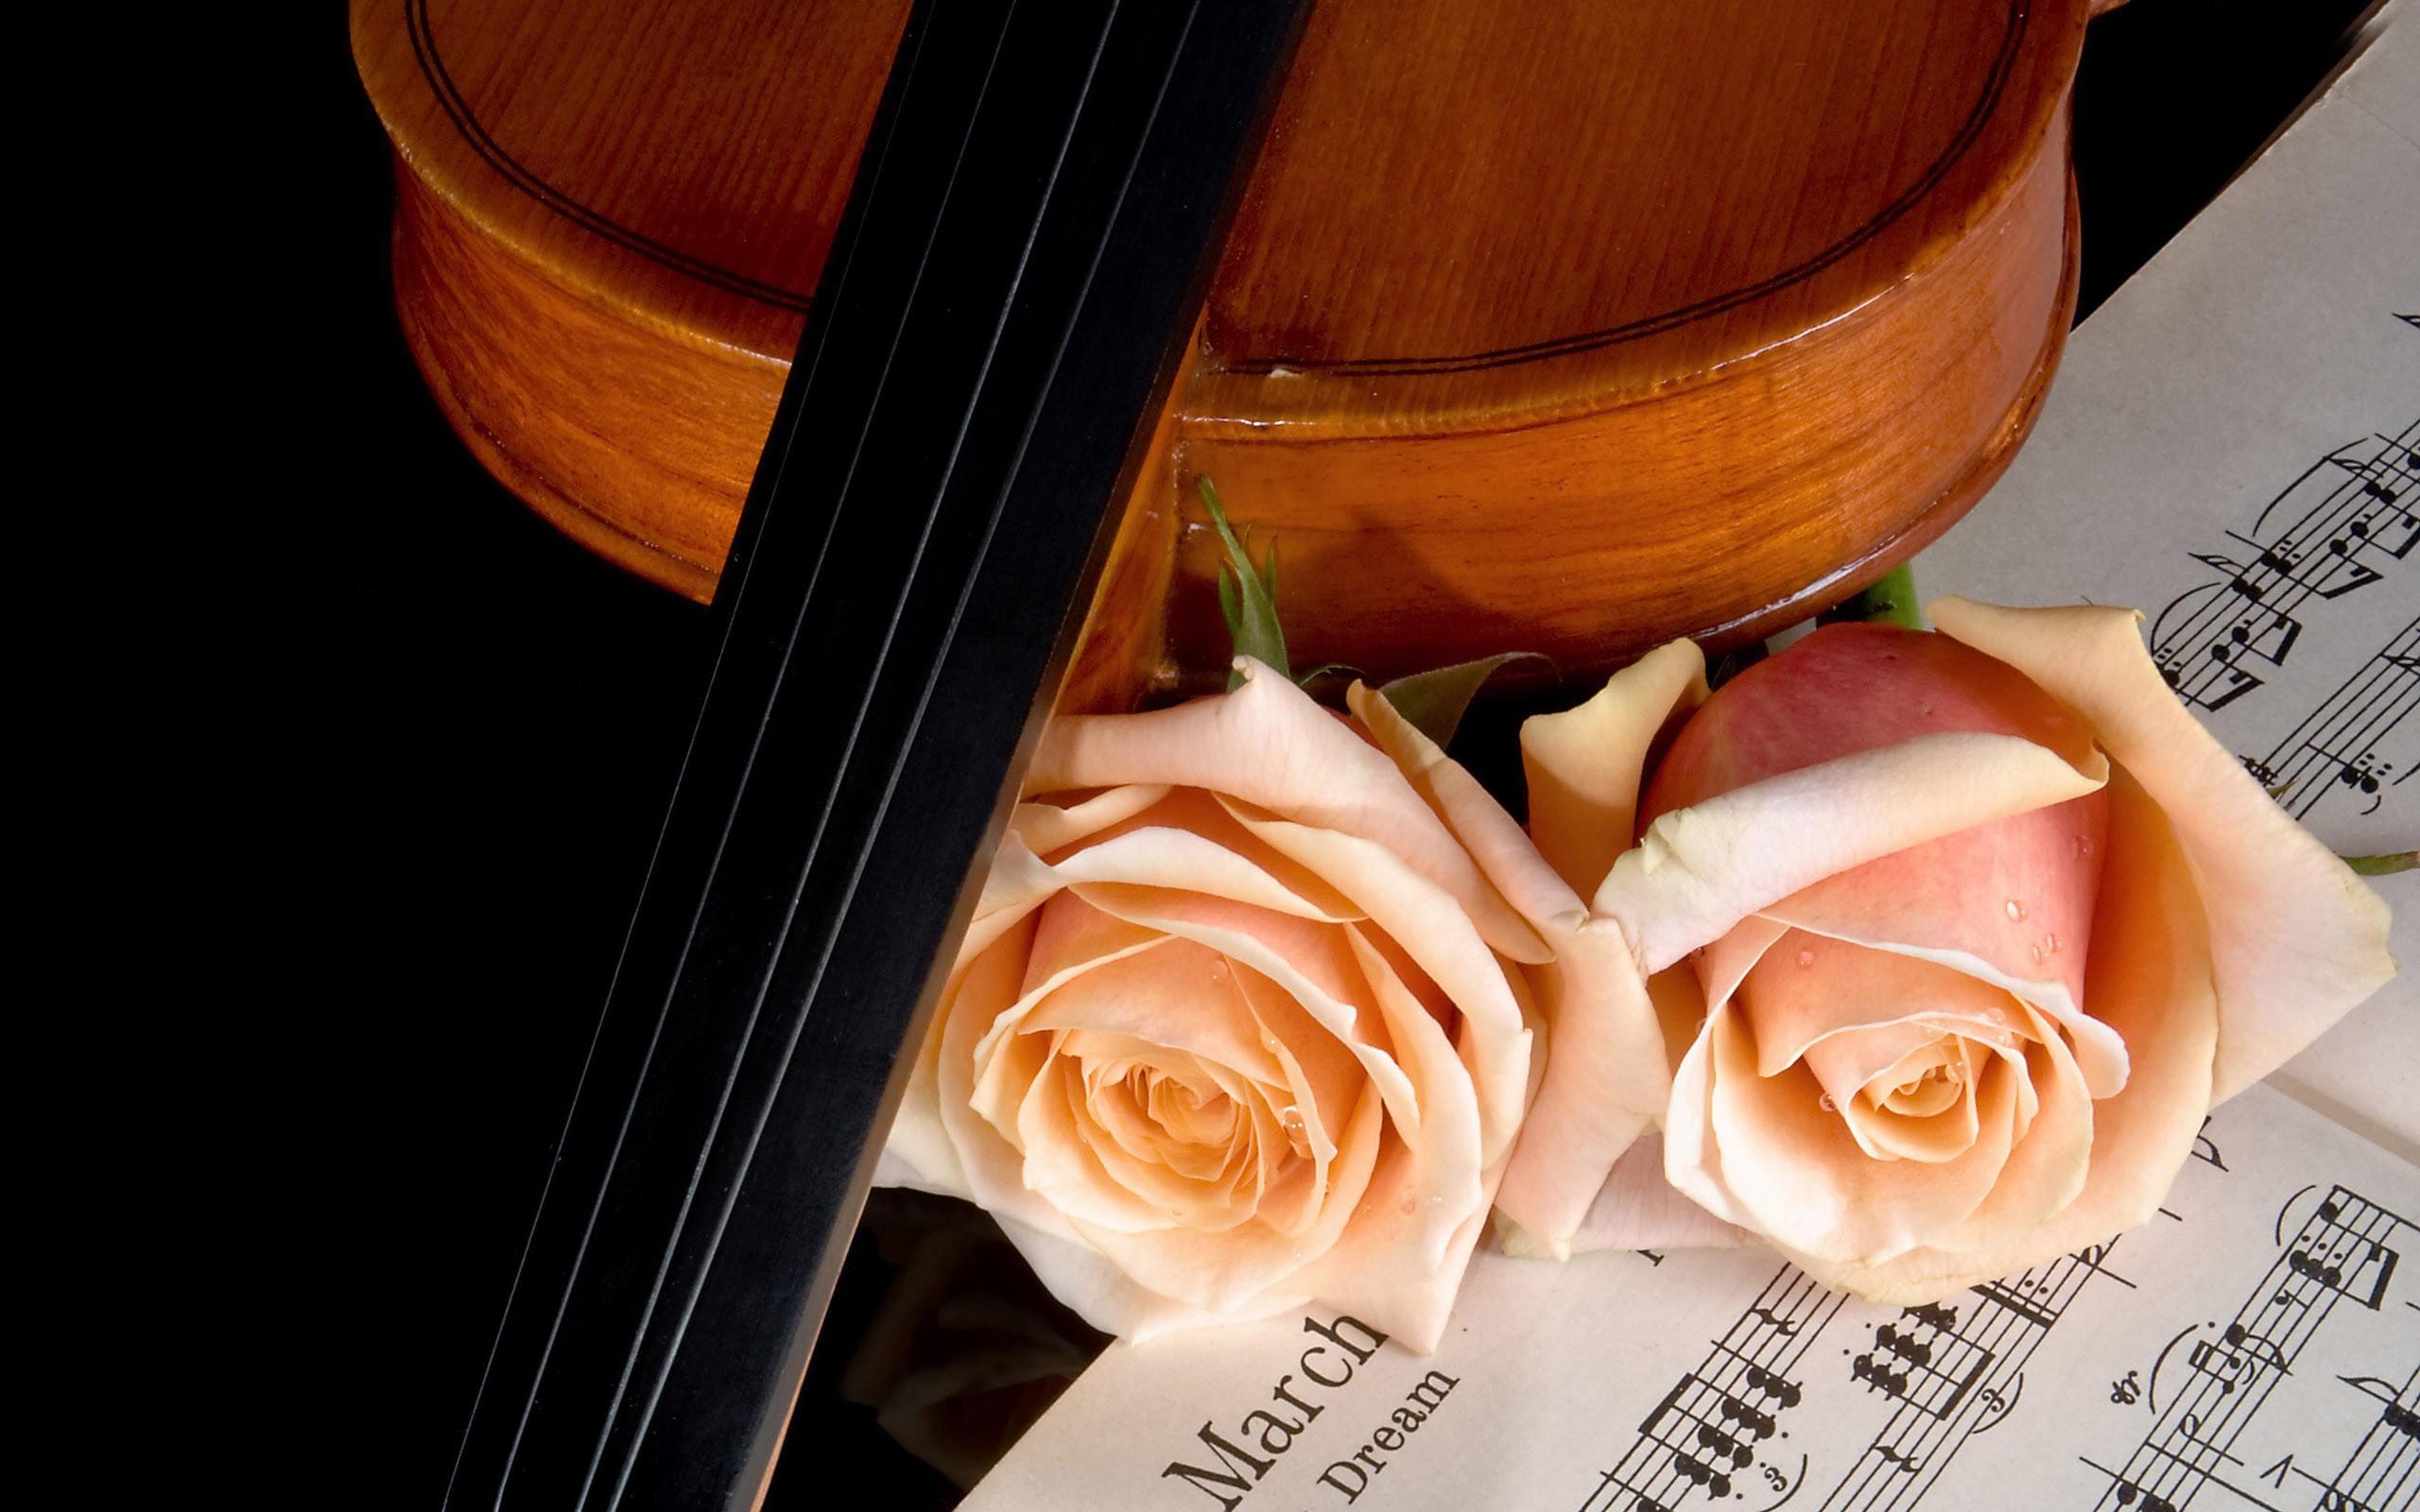 Flores rosadas y violin - 2560x1600